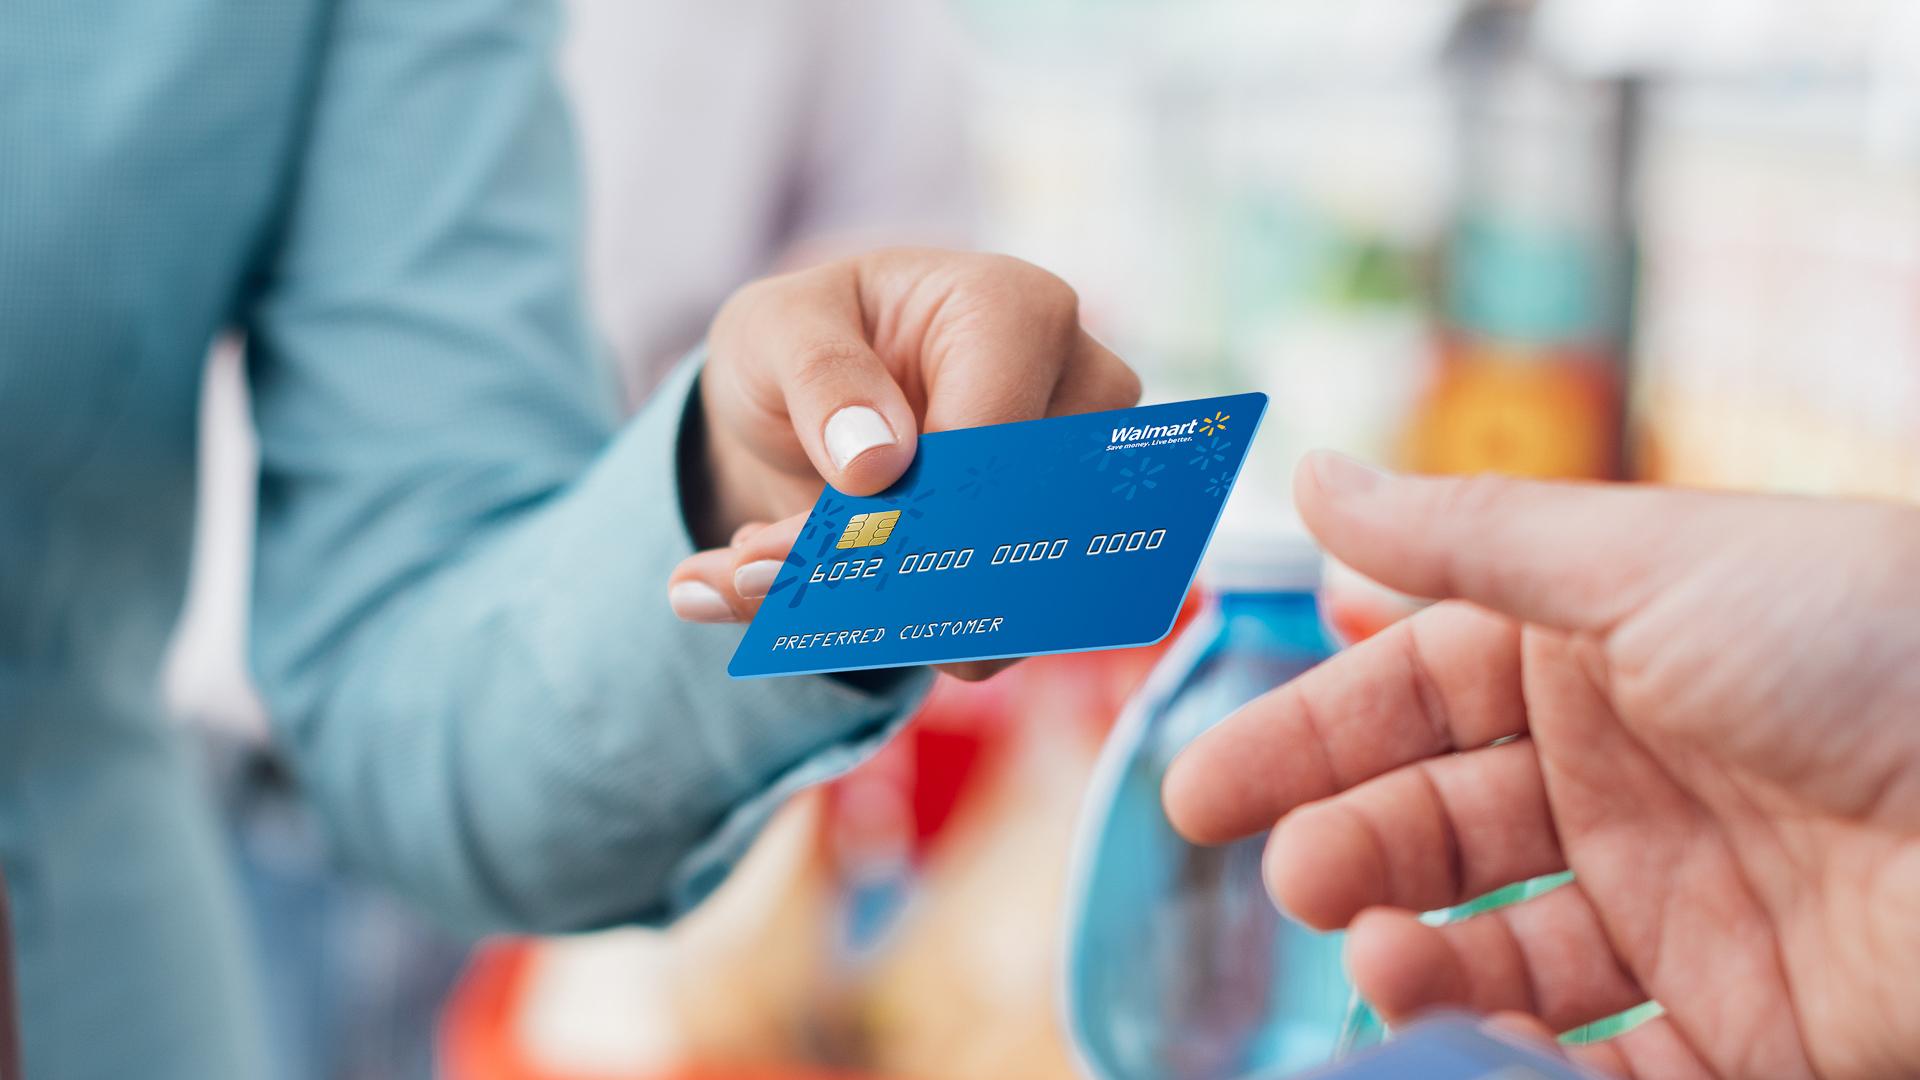 生活費はクレジットカード払いが断然お得?!おすすめカード3選